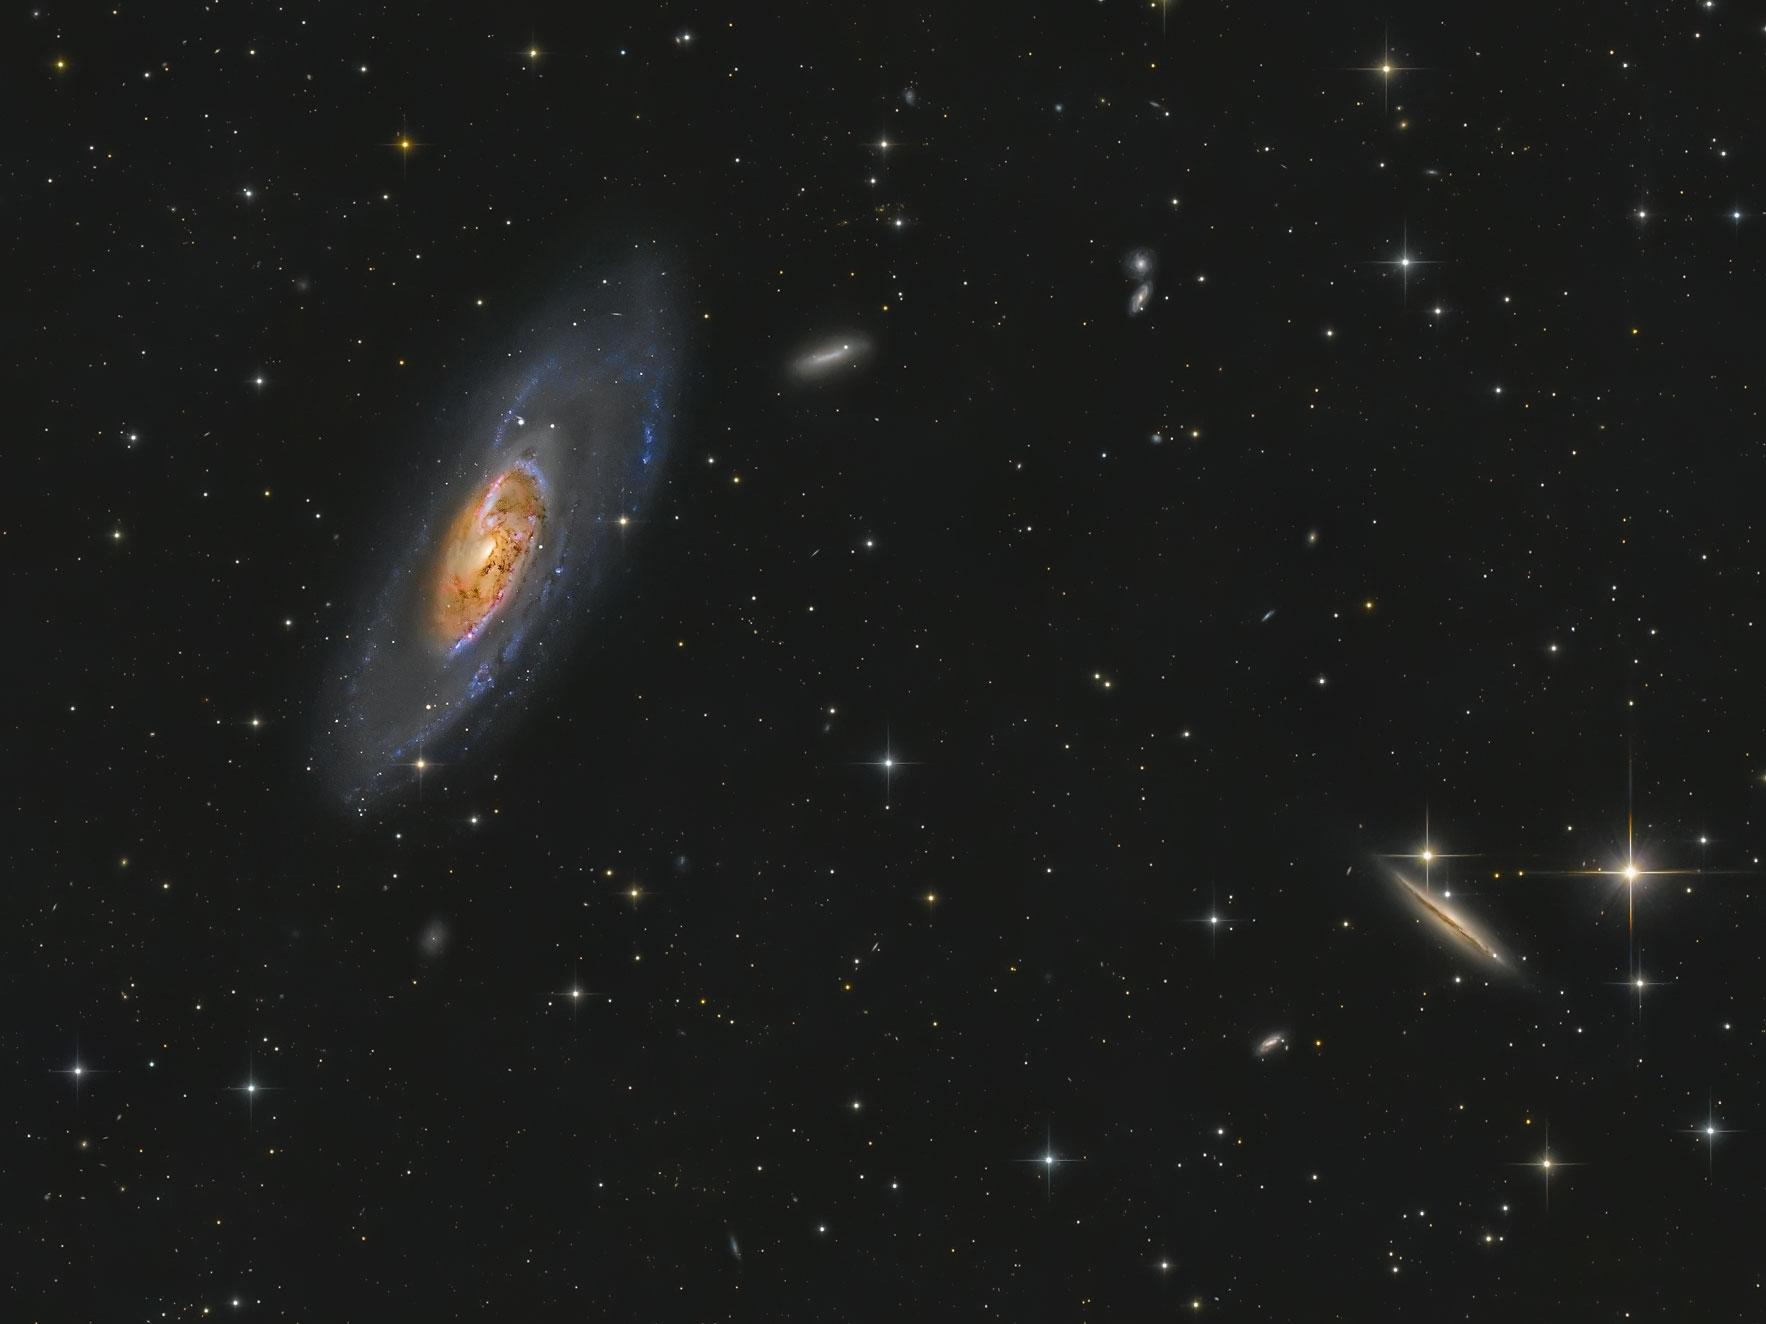 Messier 106 - NGC 4258